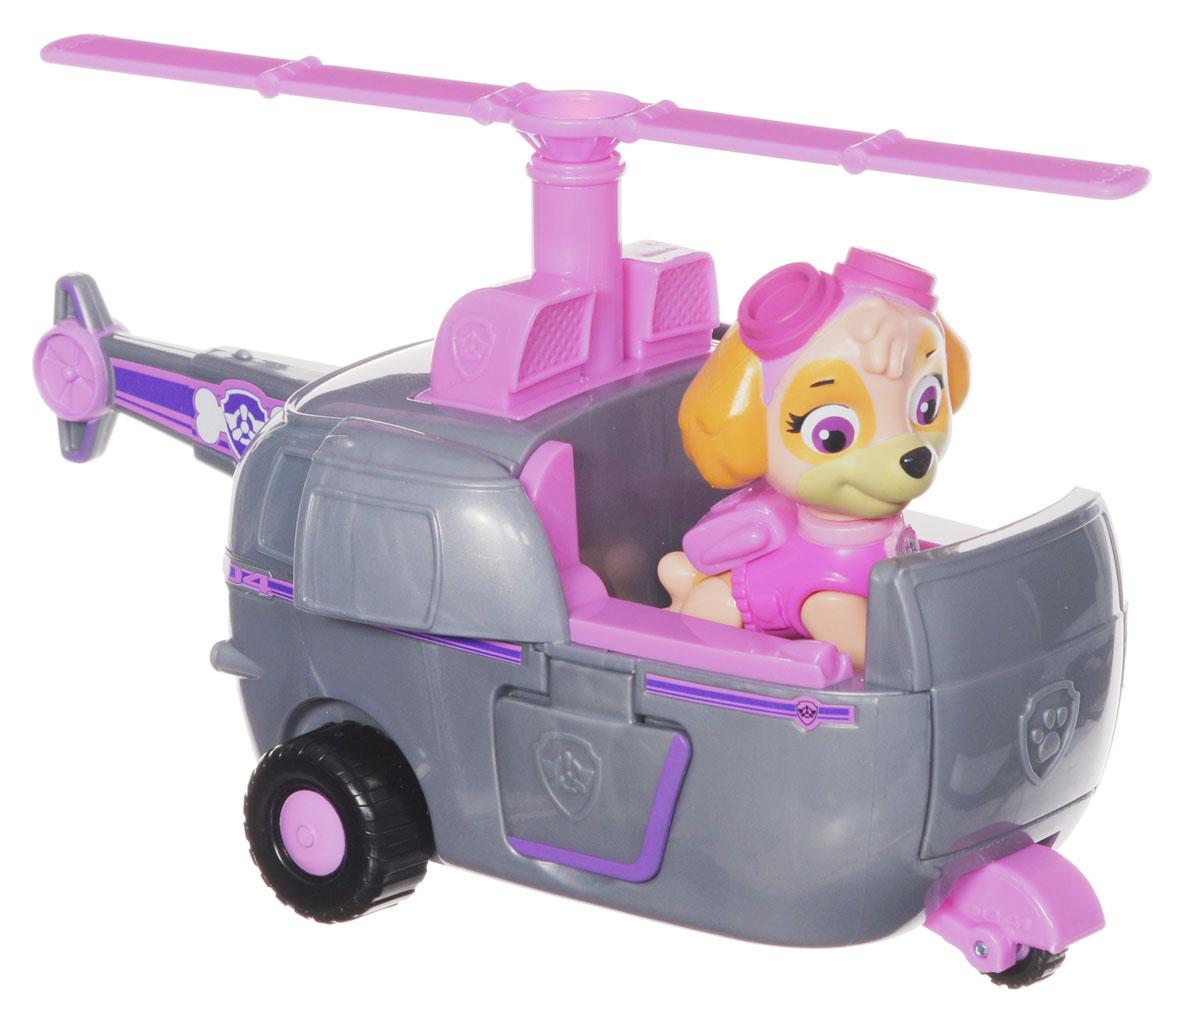 Paw Patrol Игровой набор Вертолет спасателей и щенок Скай игровой набор paw patrol вертолет и щенок скай 2 предмета 16601